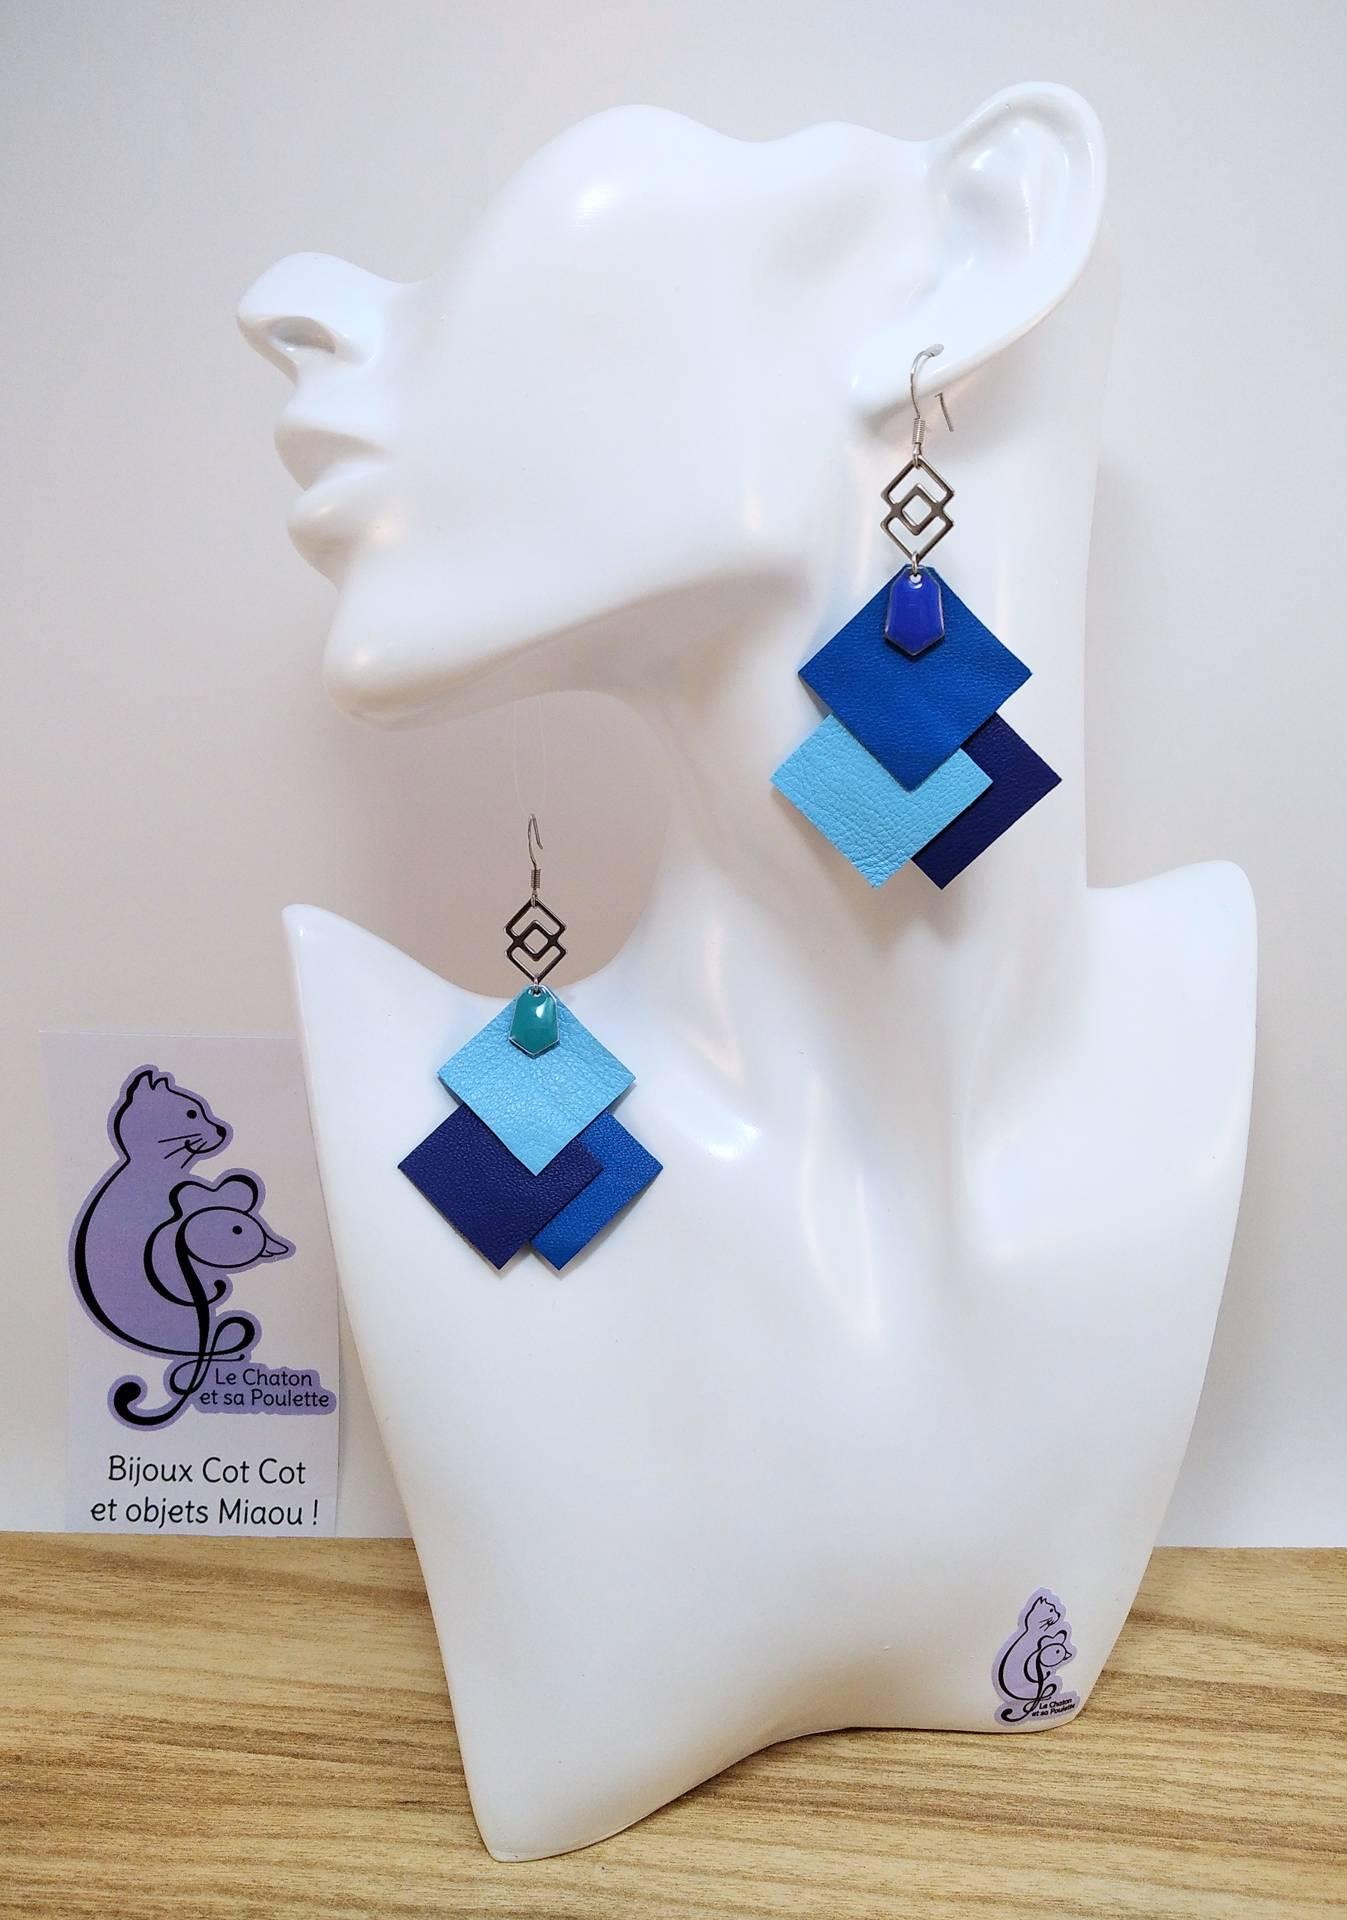 B.O. FORMIDABLE modèle 6 Cuirs bleu cobalt/bleu azur/bleu marine, breloque inox carrés entrelacés et diamant bleu cobalt ou turquoise